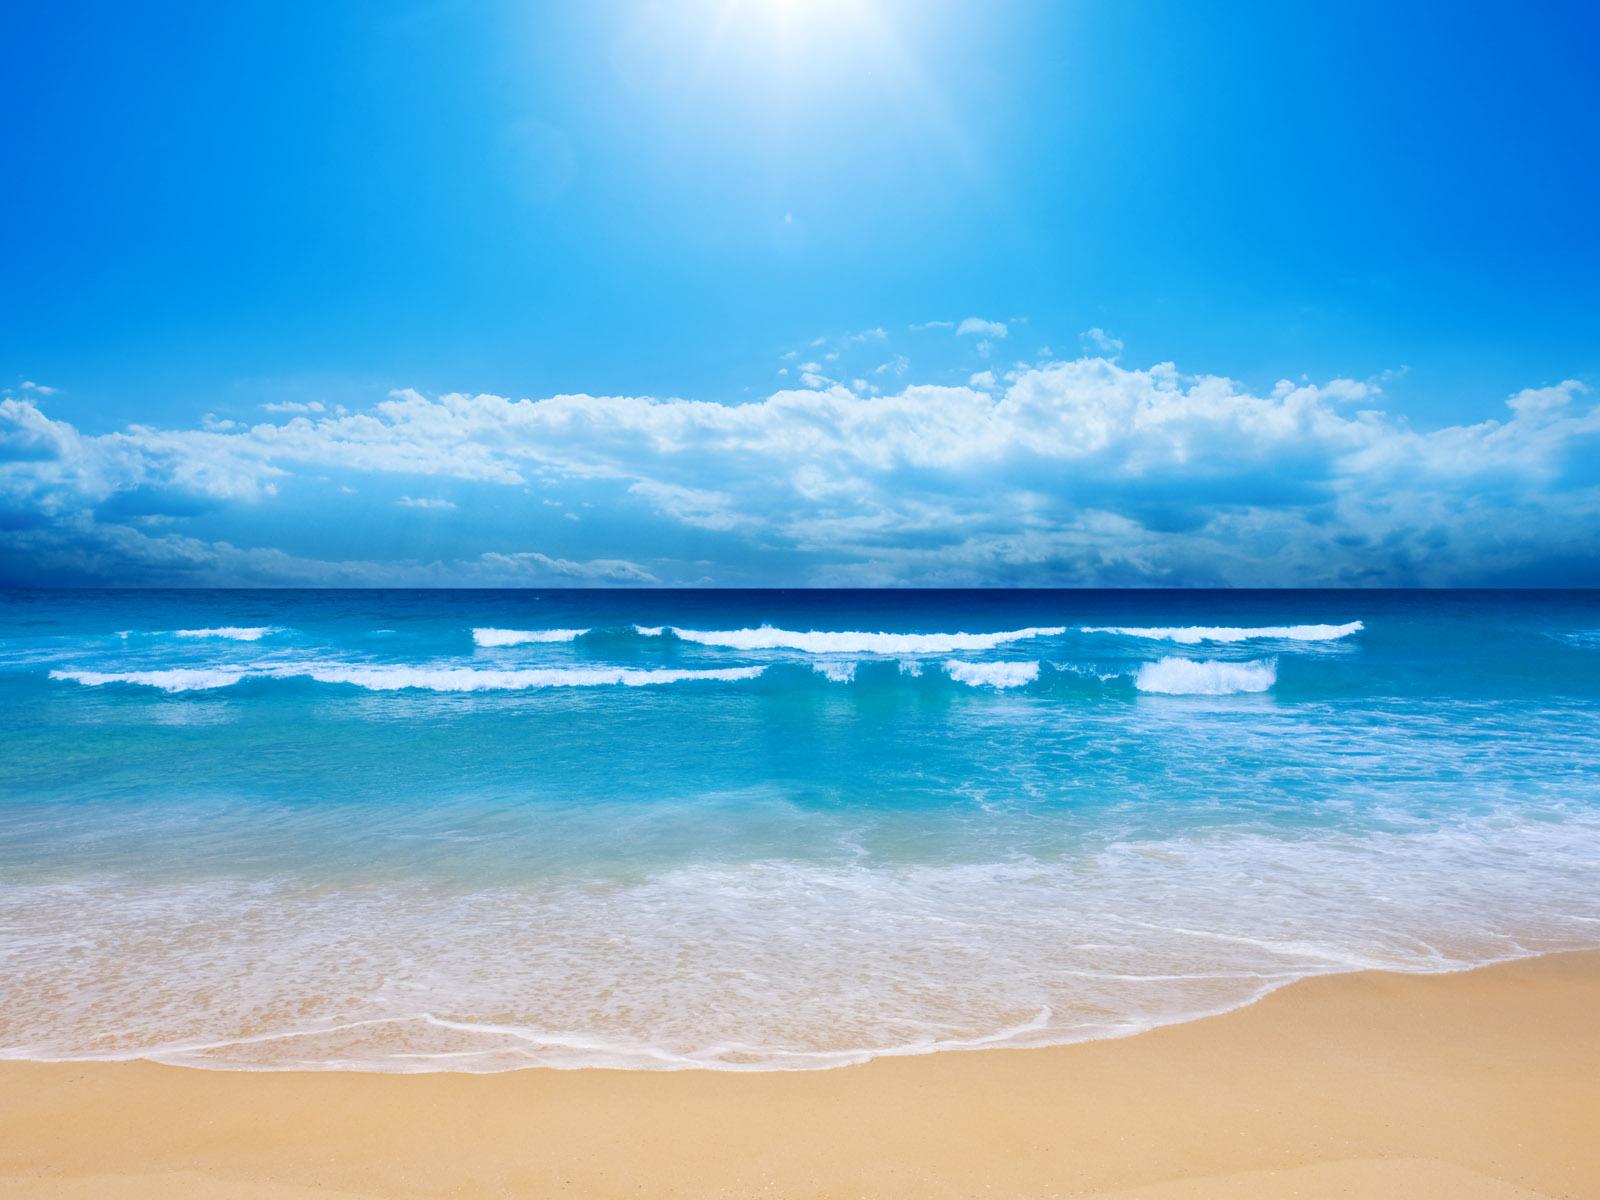 Cool HD Nature Desktop Wallpapers High Definition Beach Wallpapers 1600x1200